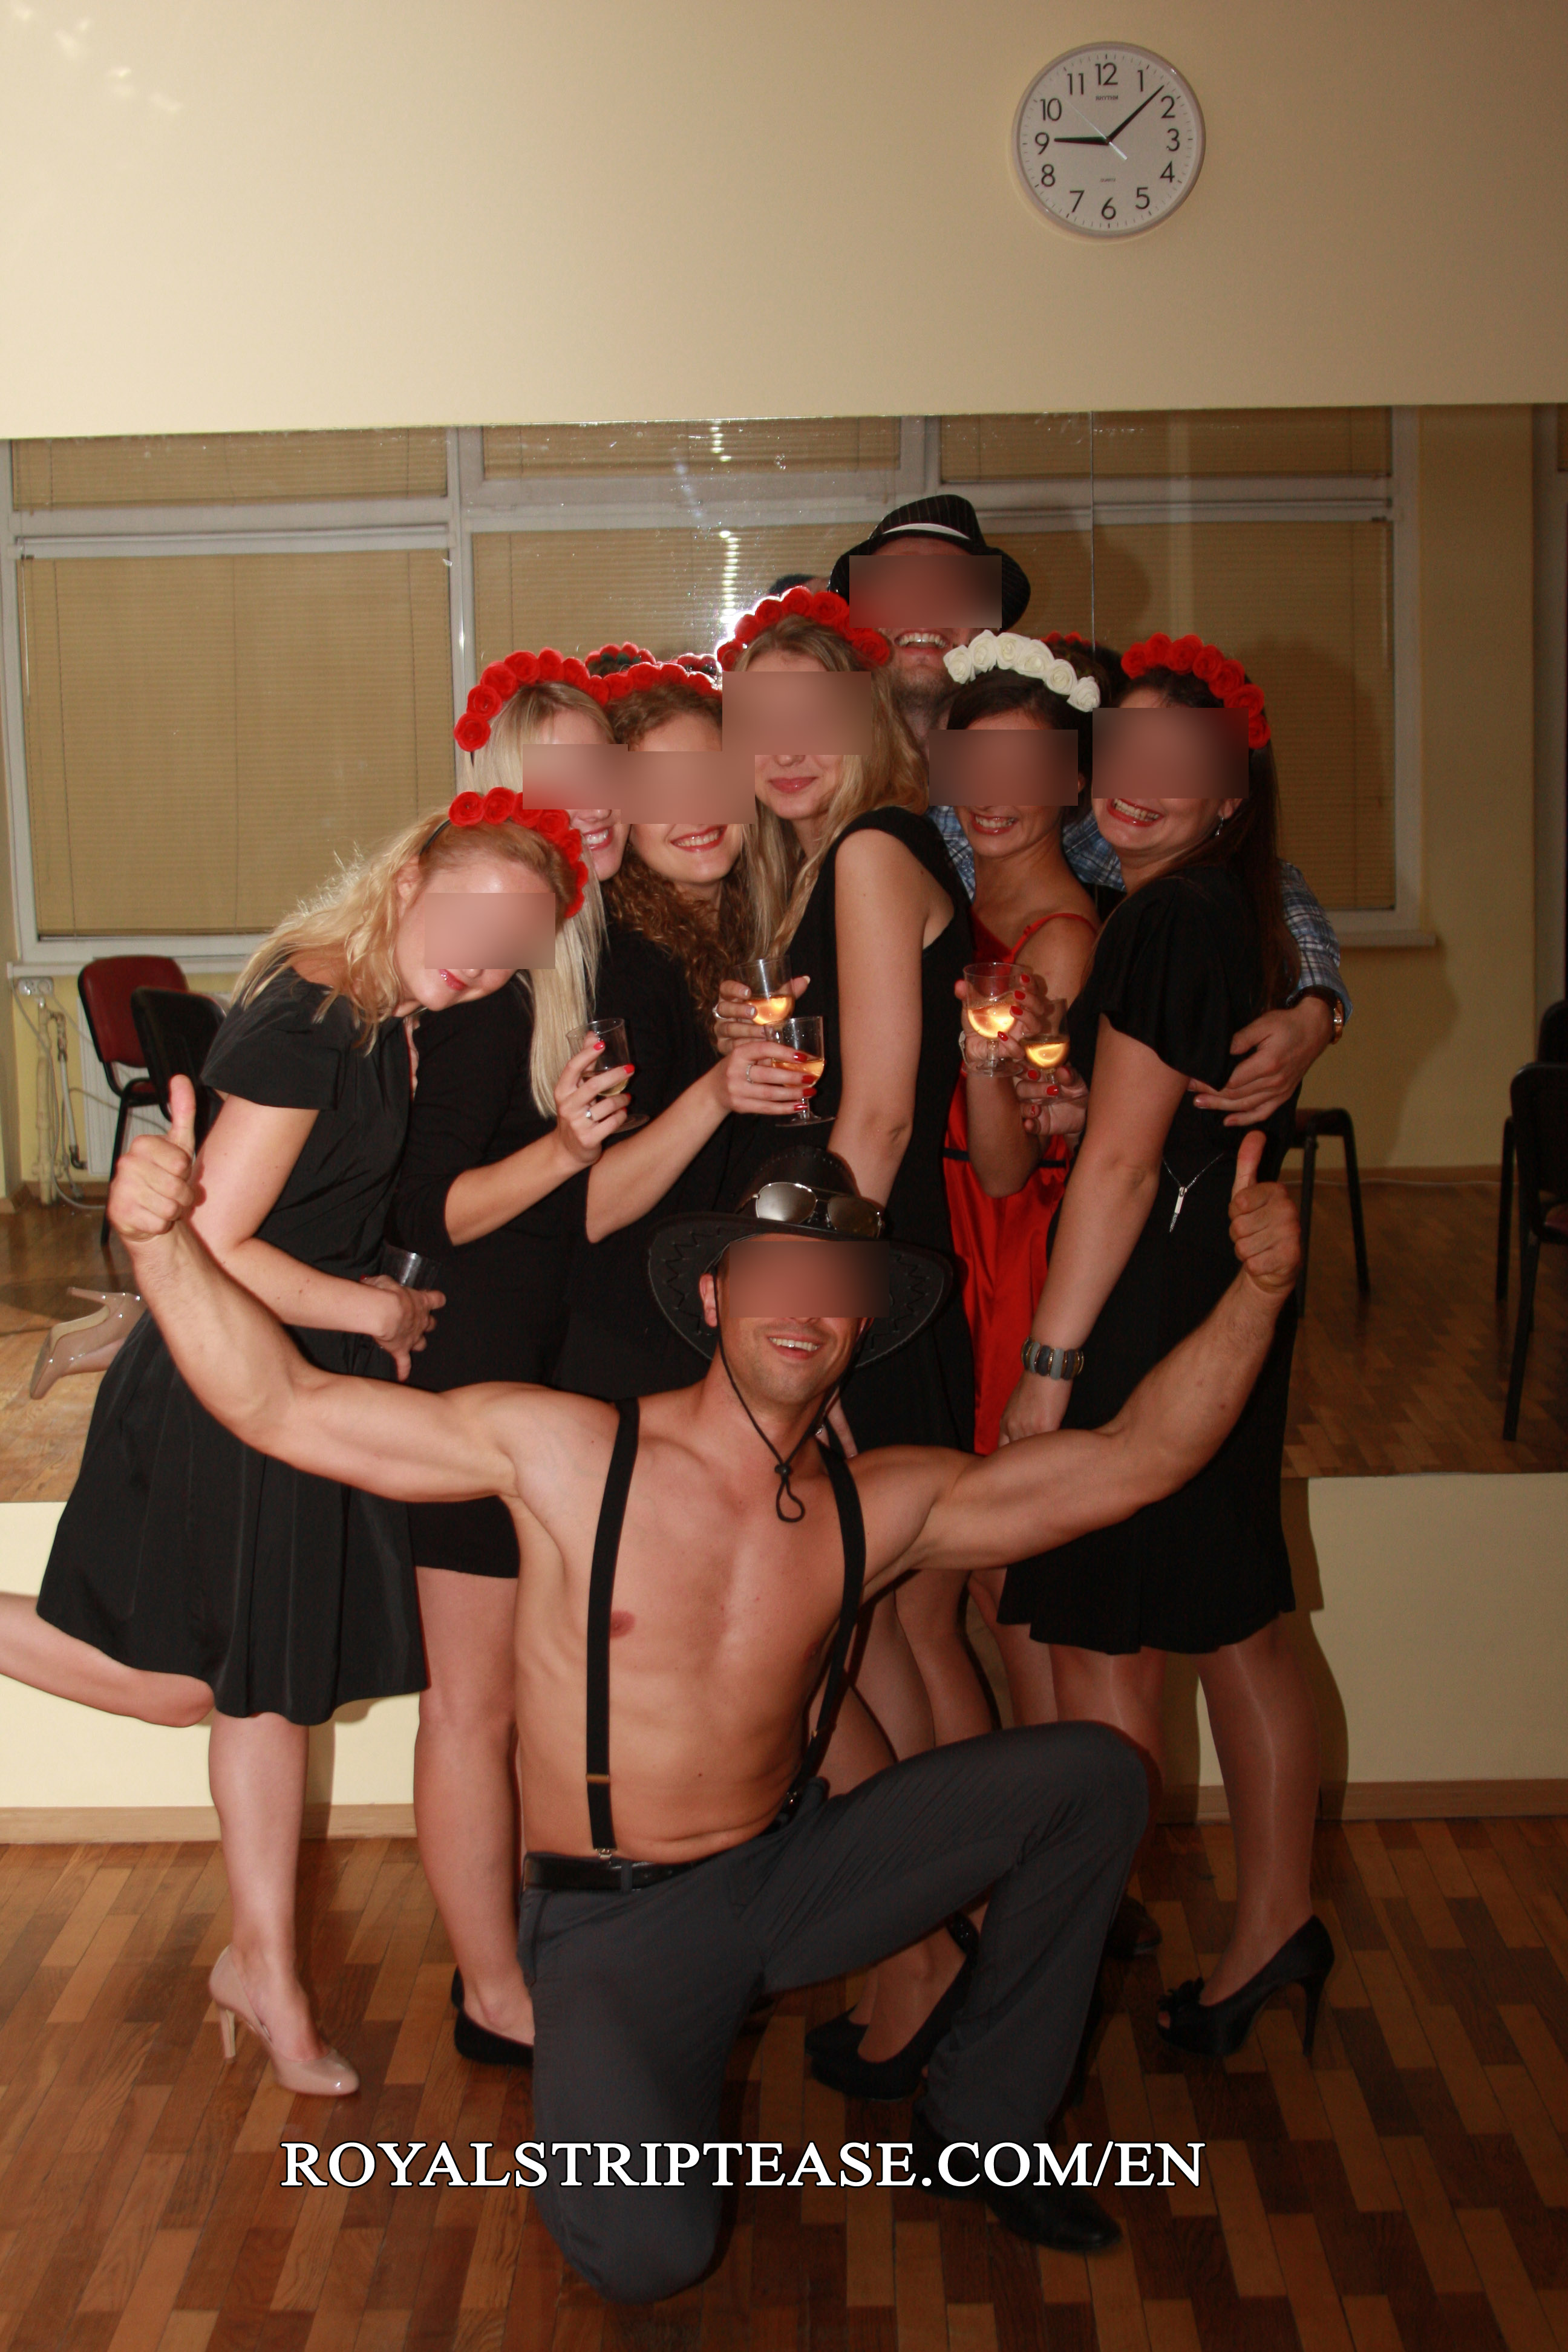 georgia strip club in male